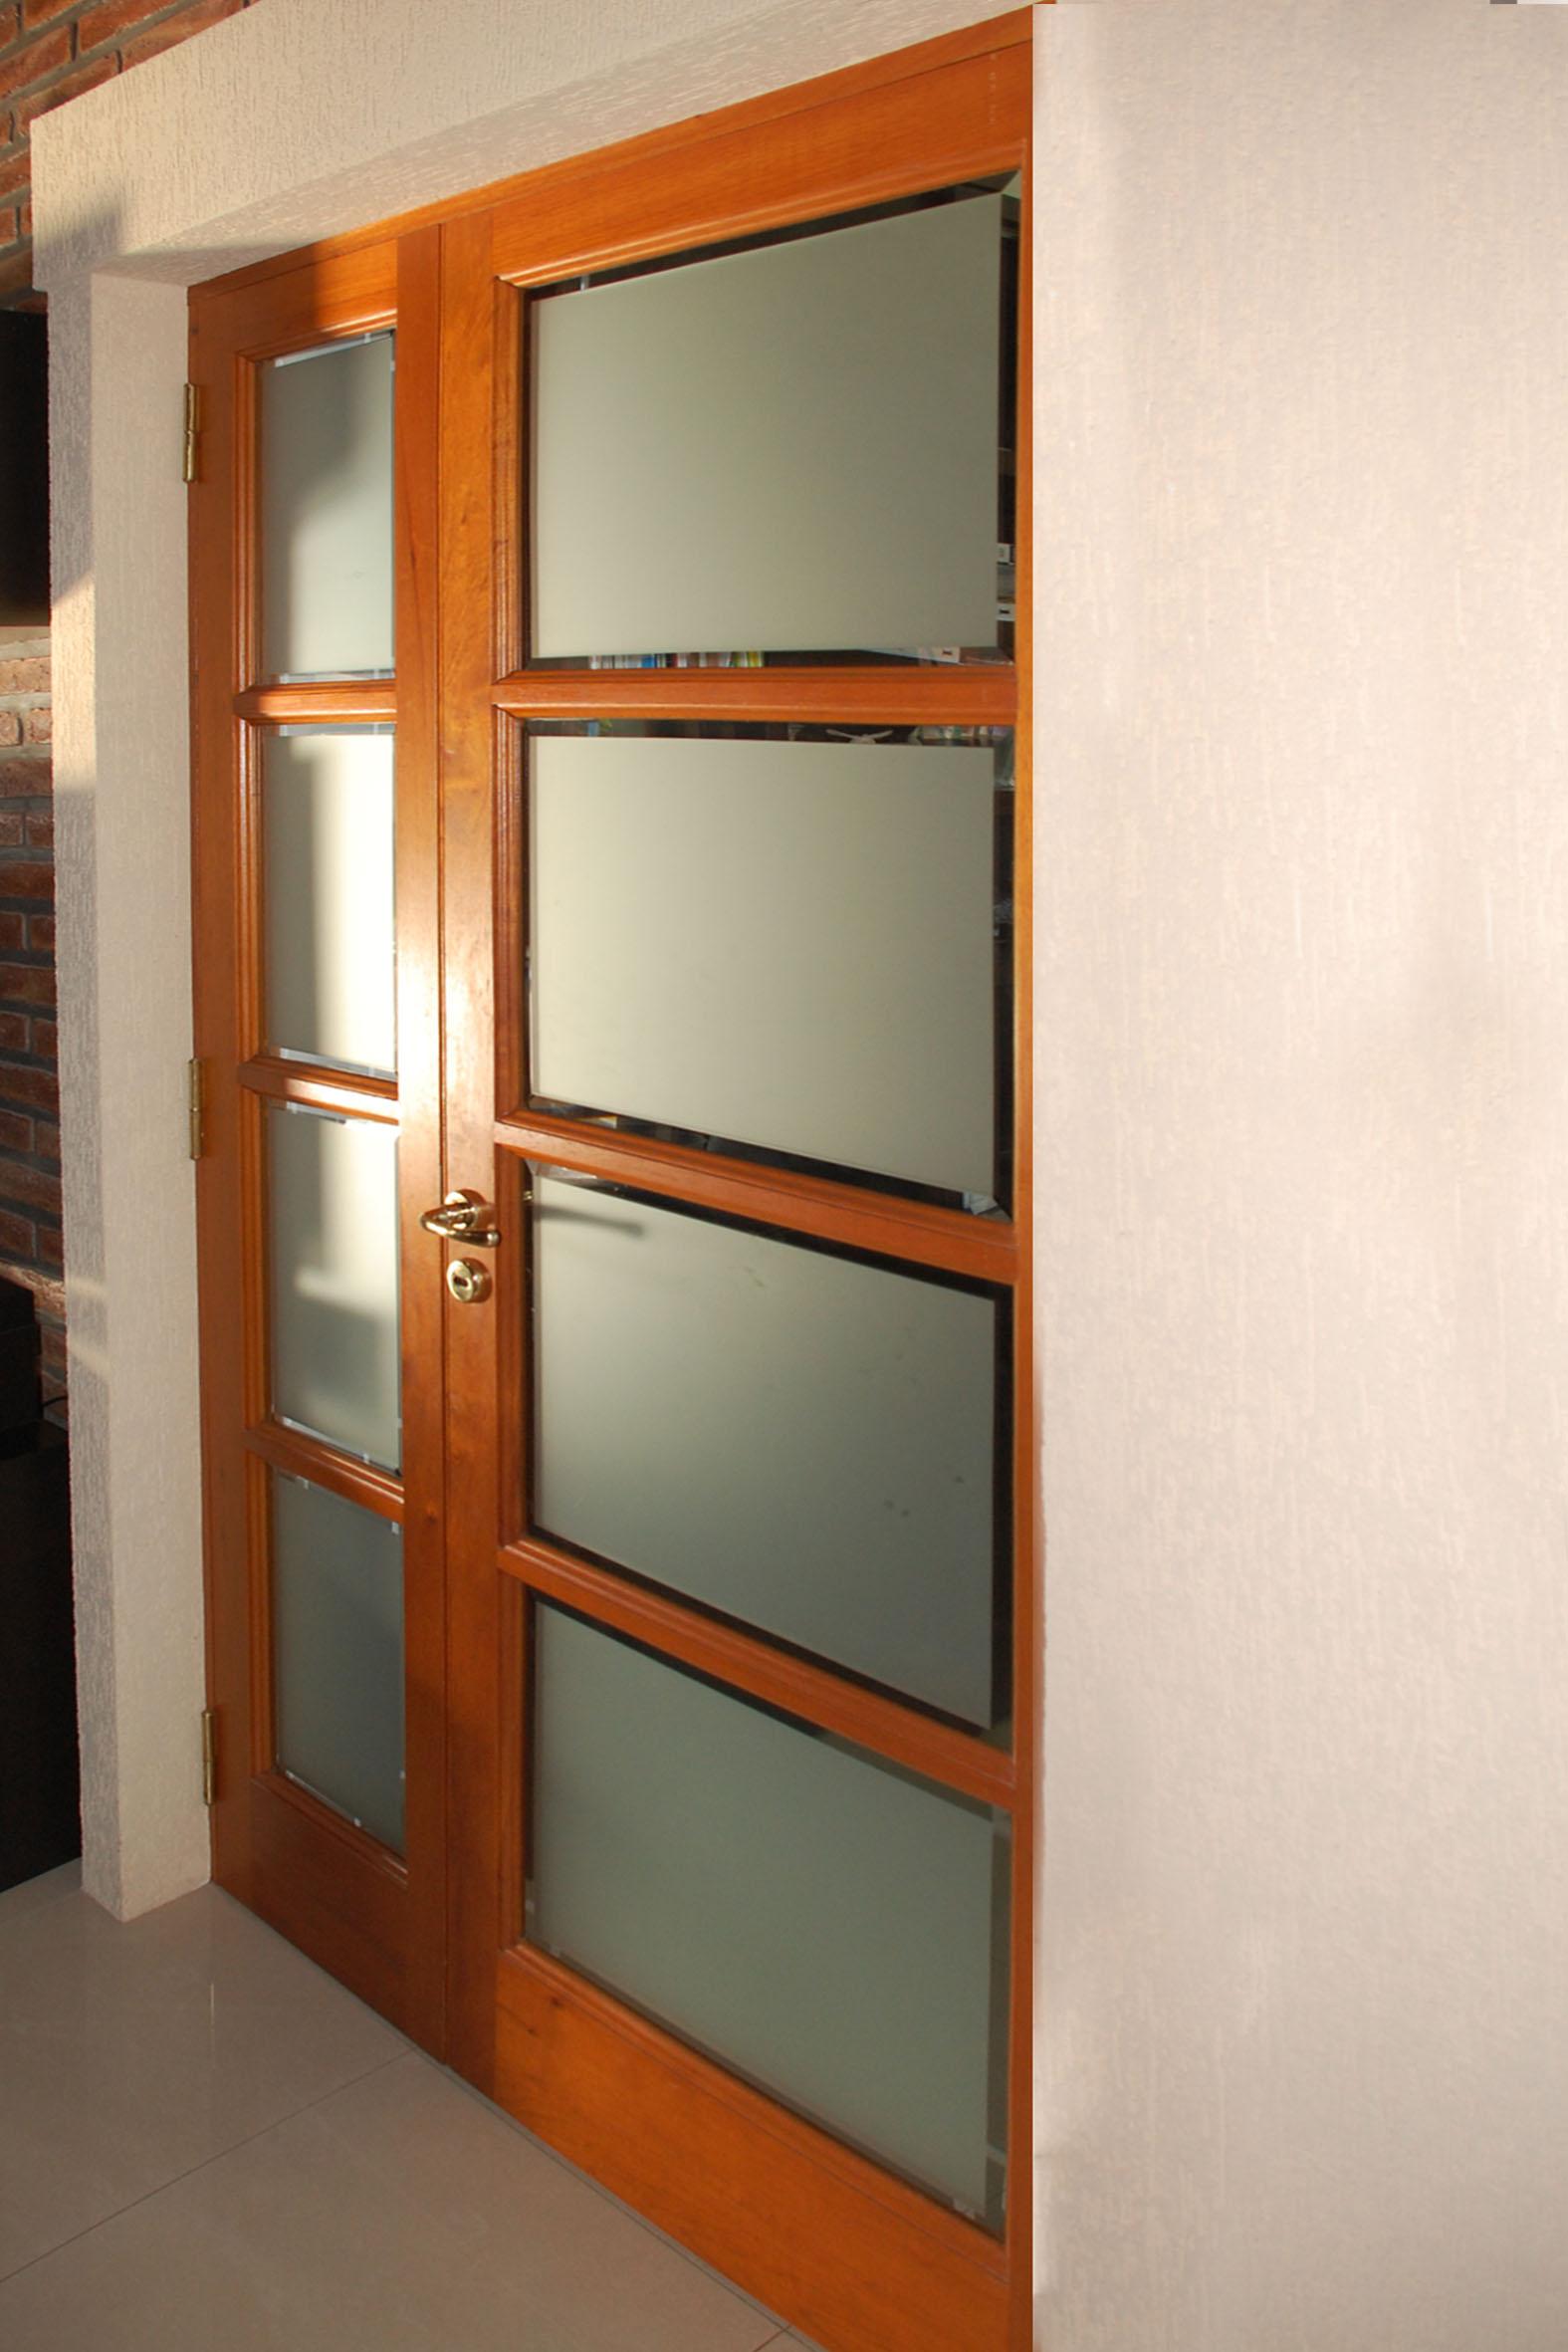 Chiavarini ventas de aberturas en aluminio y madera for Puertas con vidrio y madera